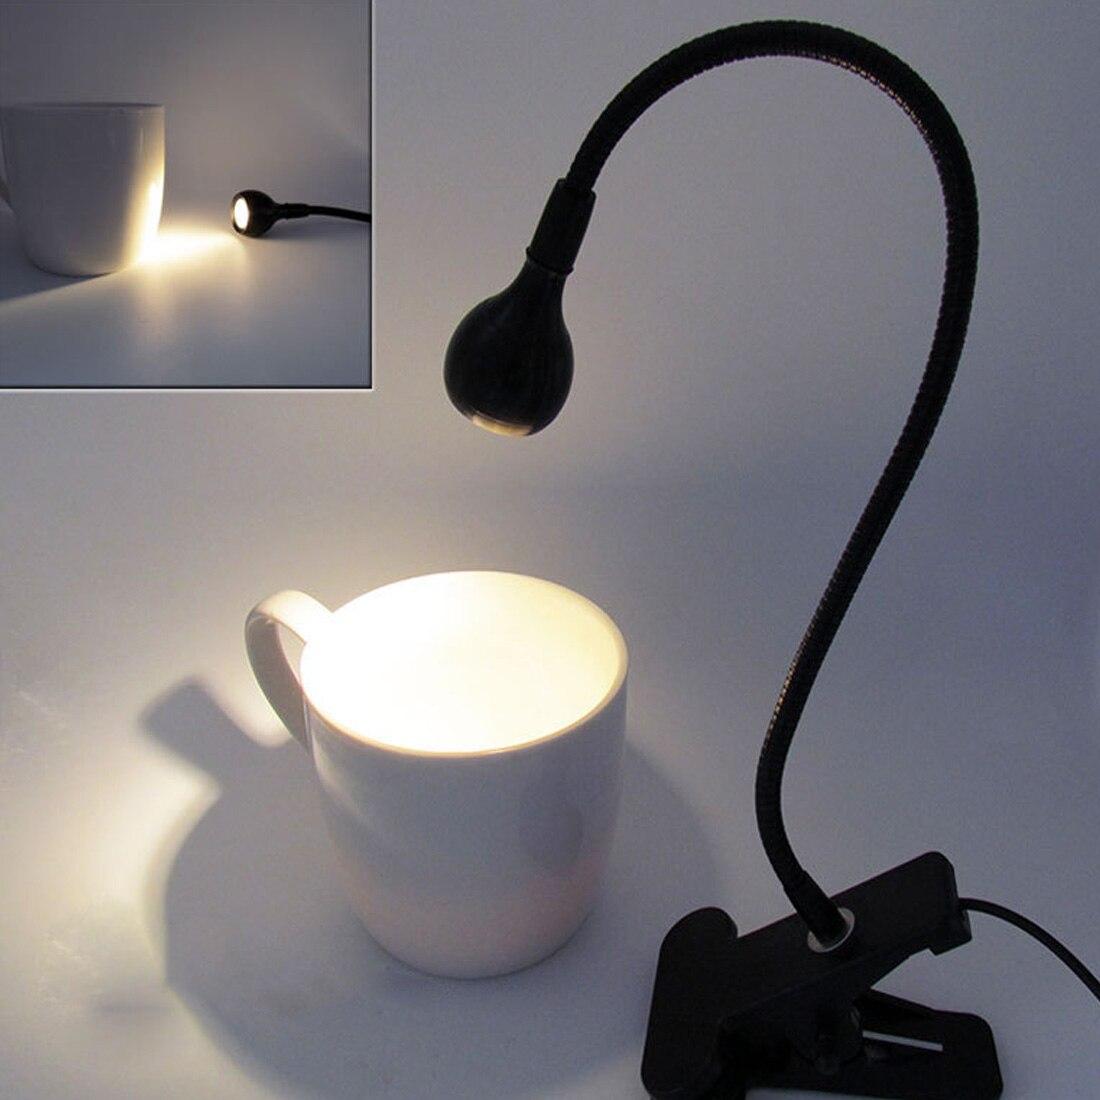 Вентилятор USB гибкая светодиодный свет настольная лампа с зажимом для портативных ПК компьютер Черный гаджеты низкая Мощность потребление ...